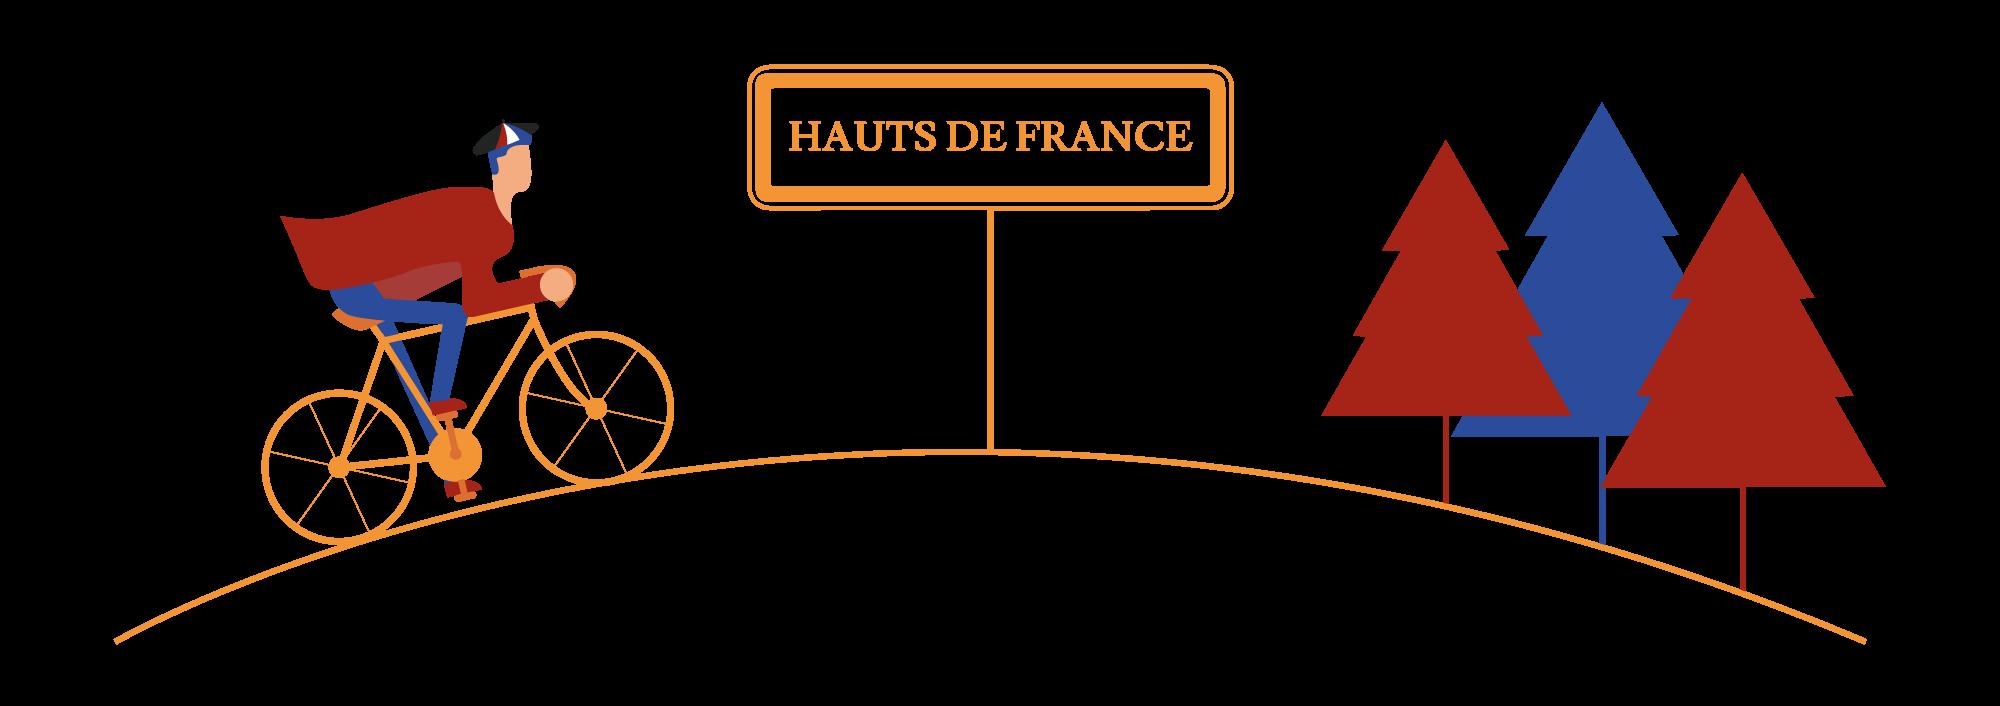 Spécialités des Hauts-de-France